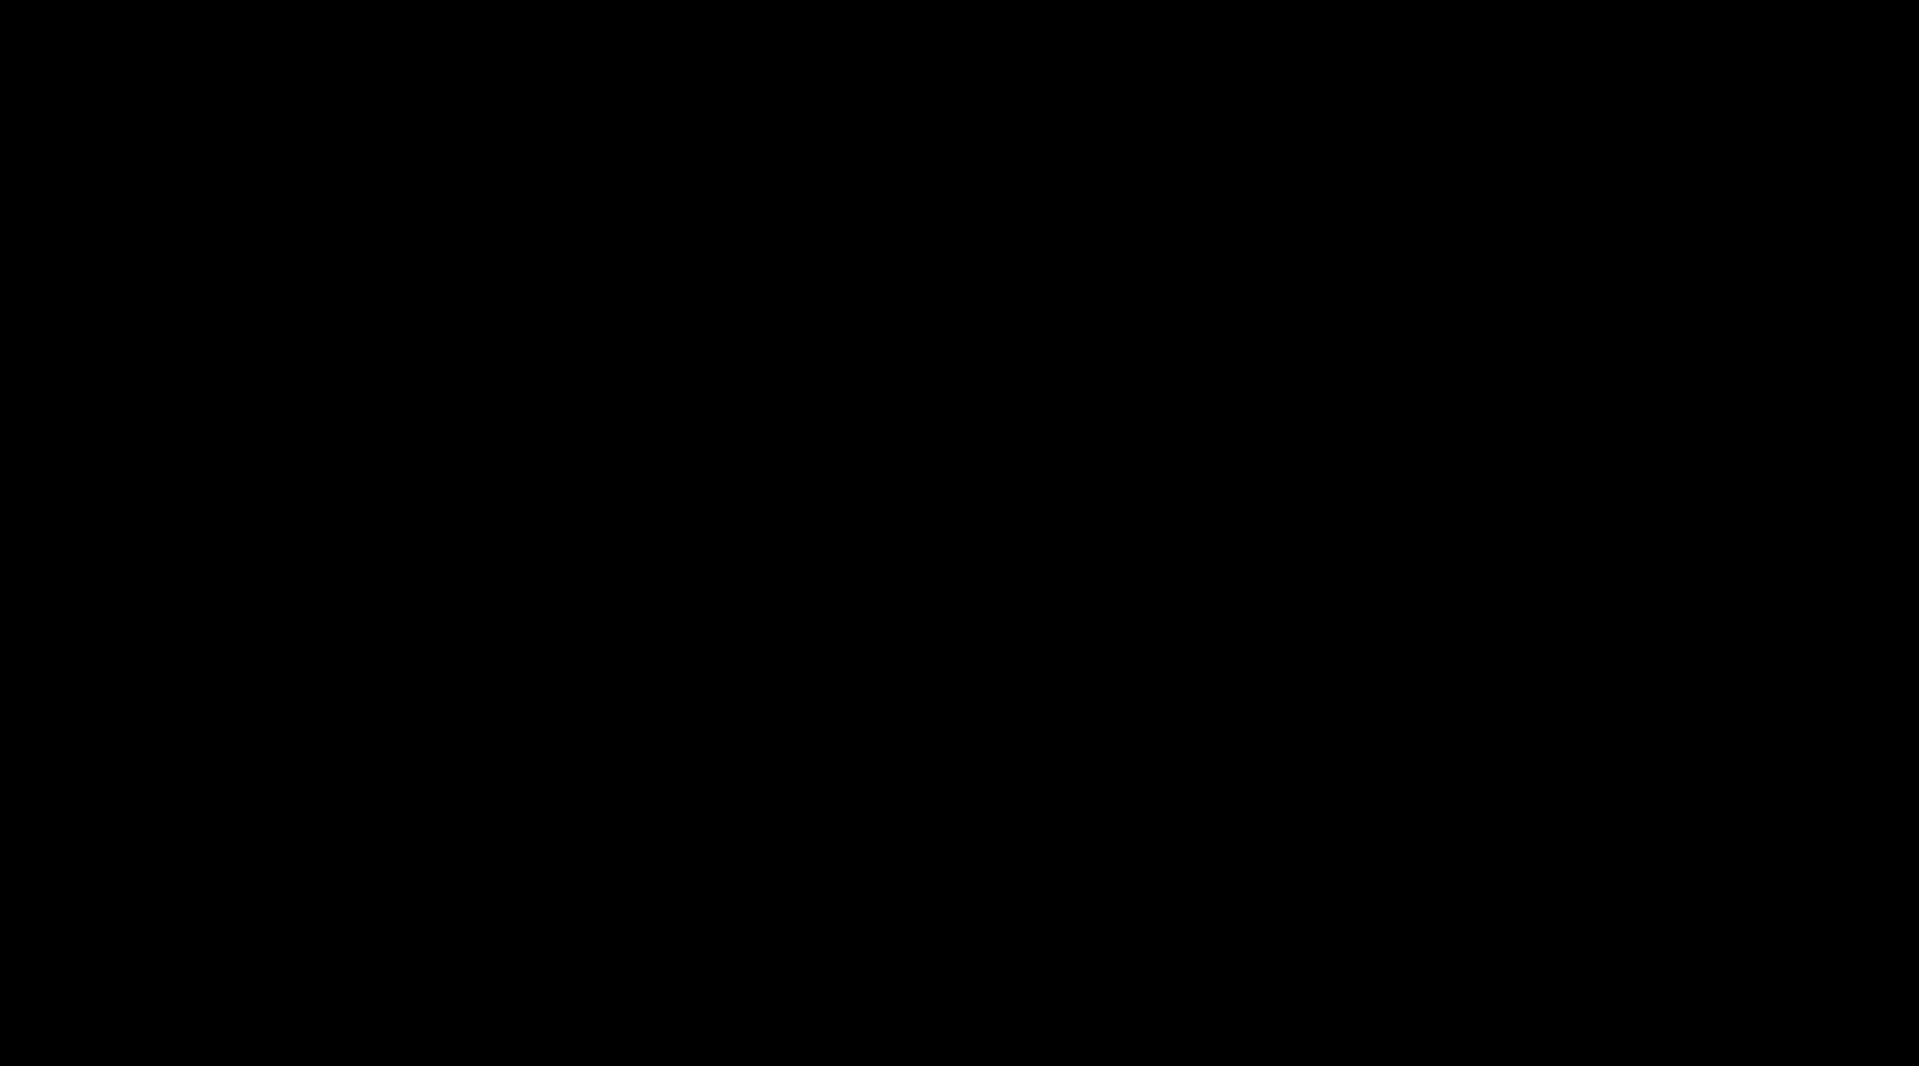 Kakegurui